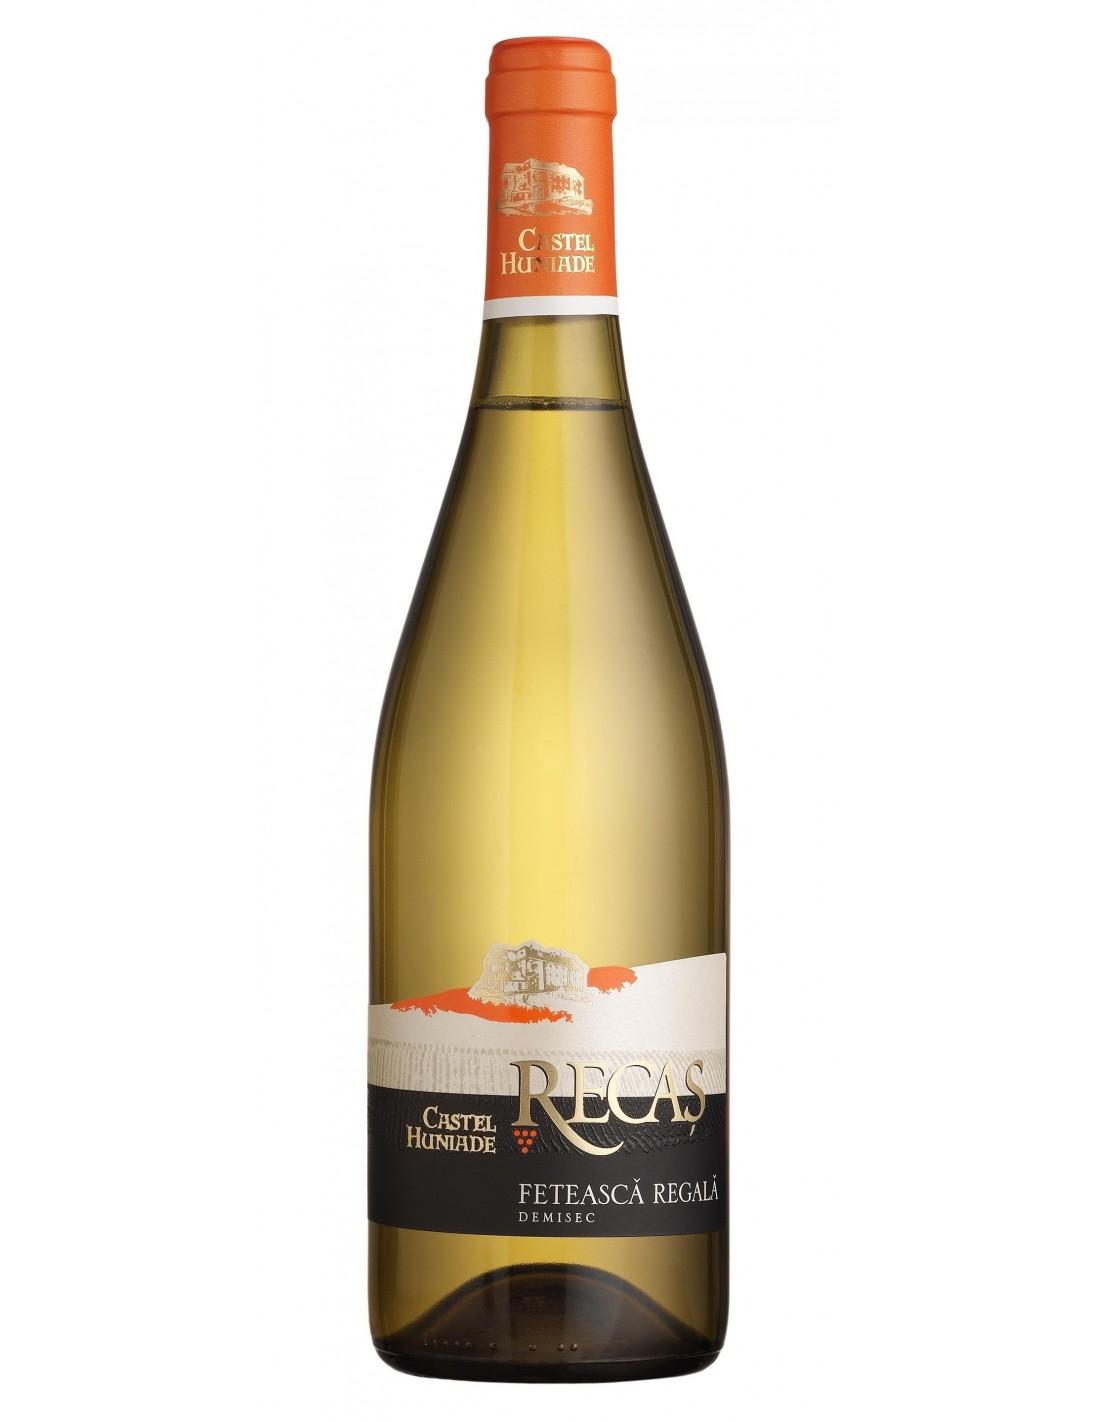 Vin alb demisec, Feteasca Regala, Castel Huniade Recas, 0.75L, 11.5% alc., Romania